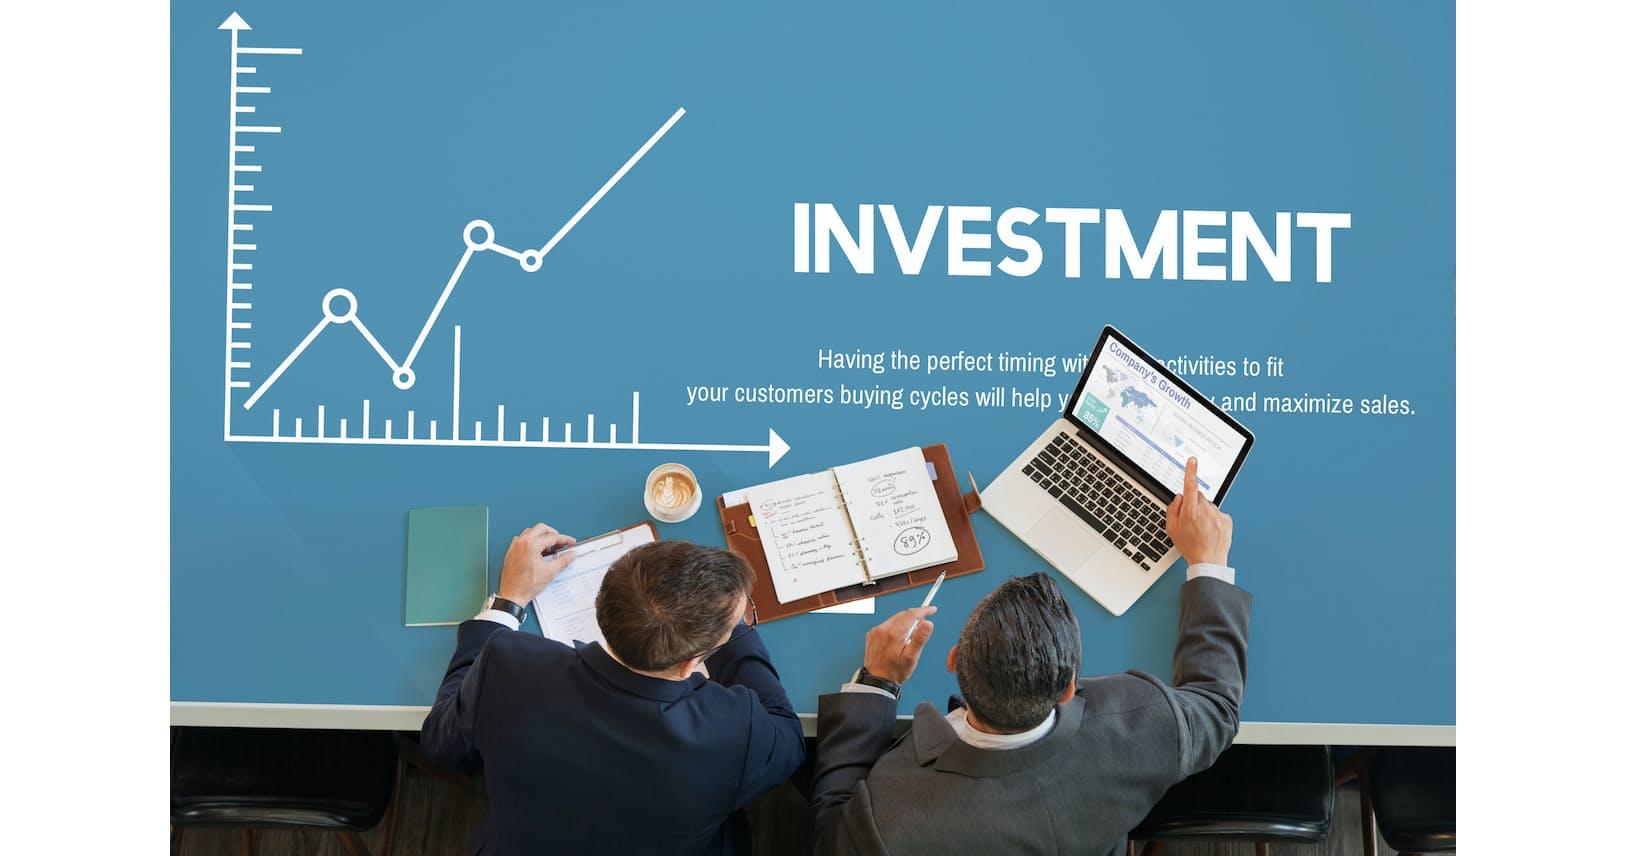 株式 クオリティ 成長 グローバル ファンド ハイ